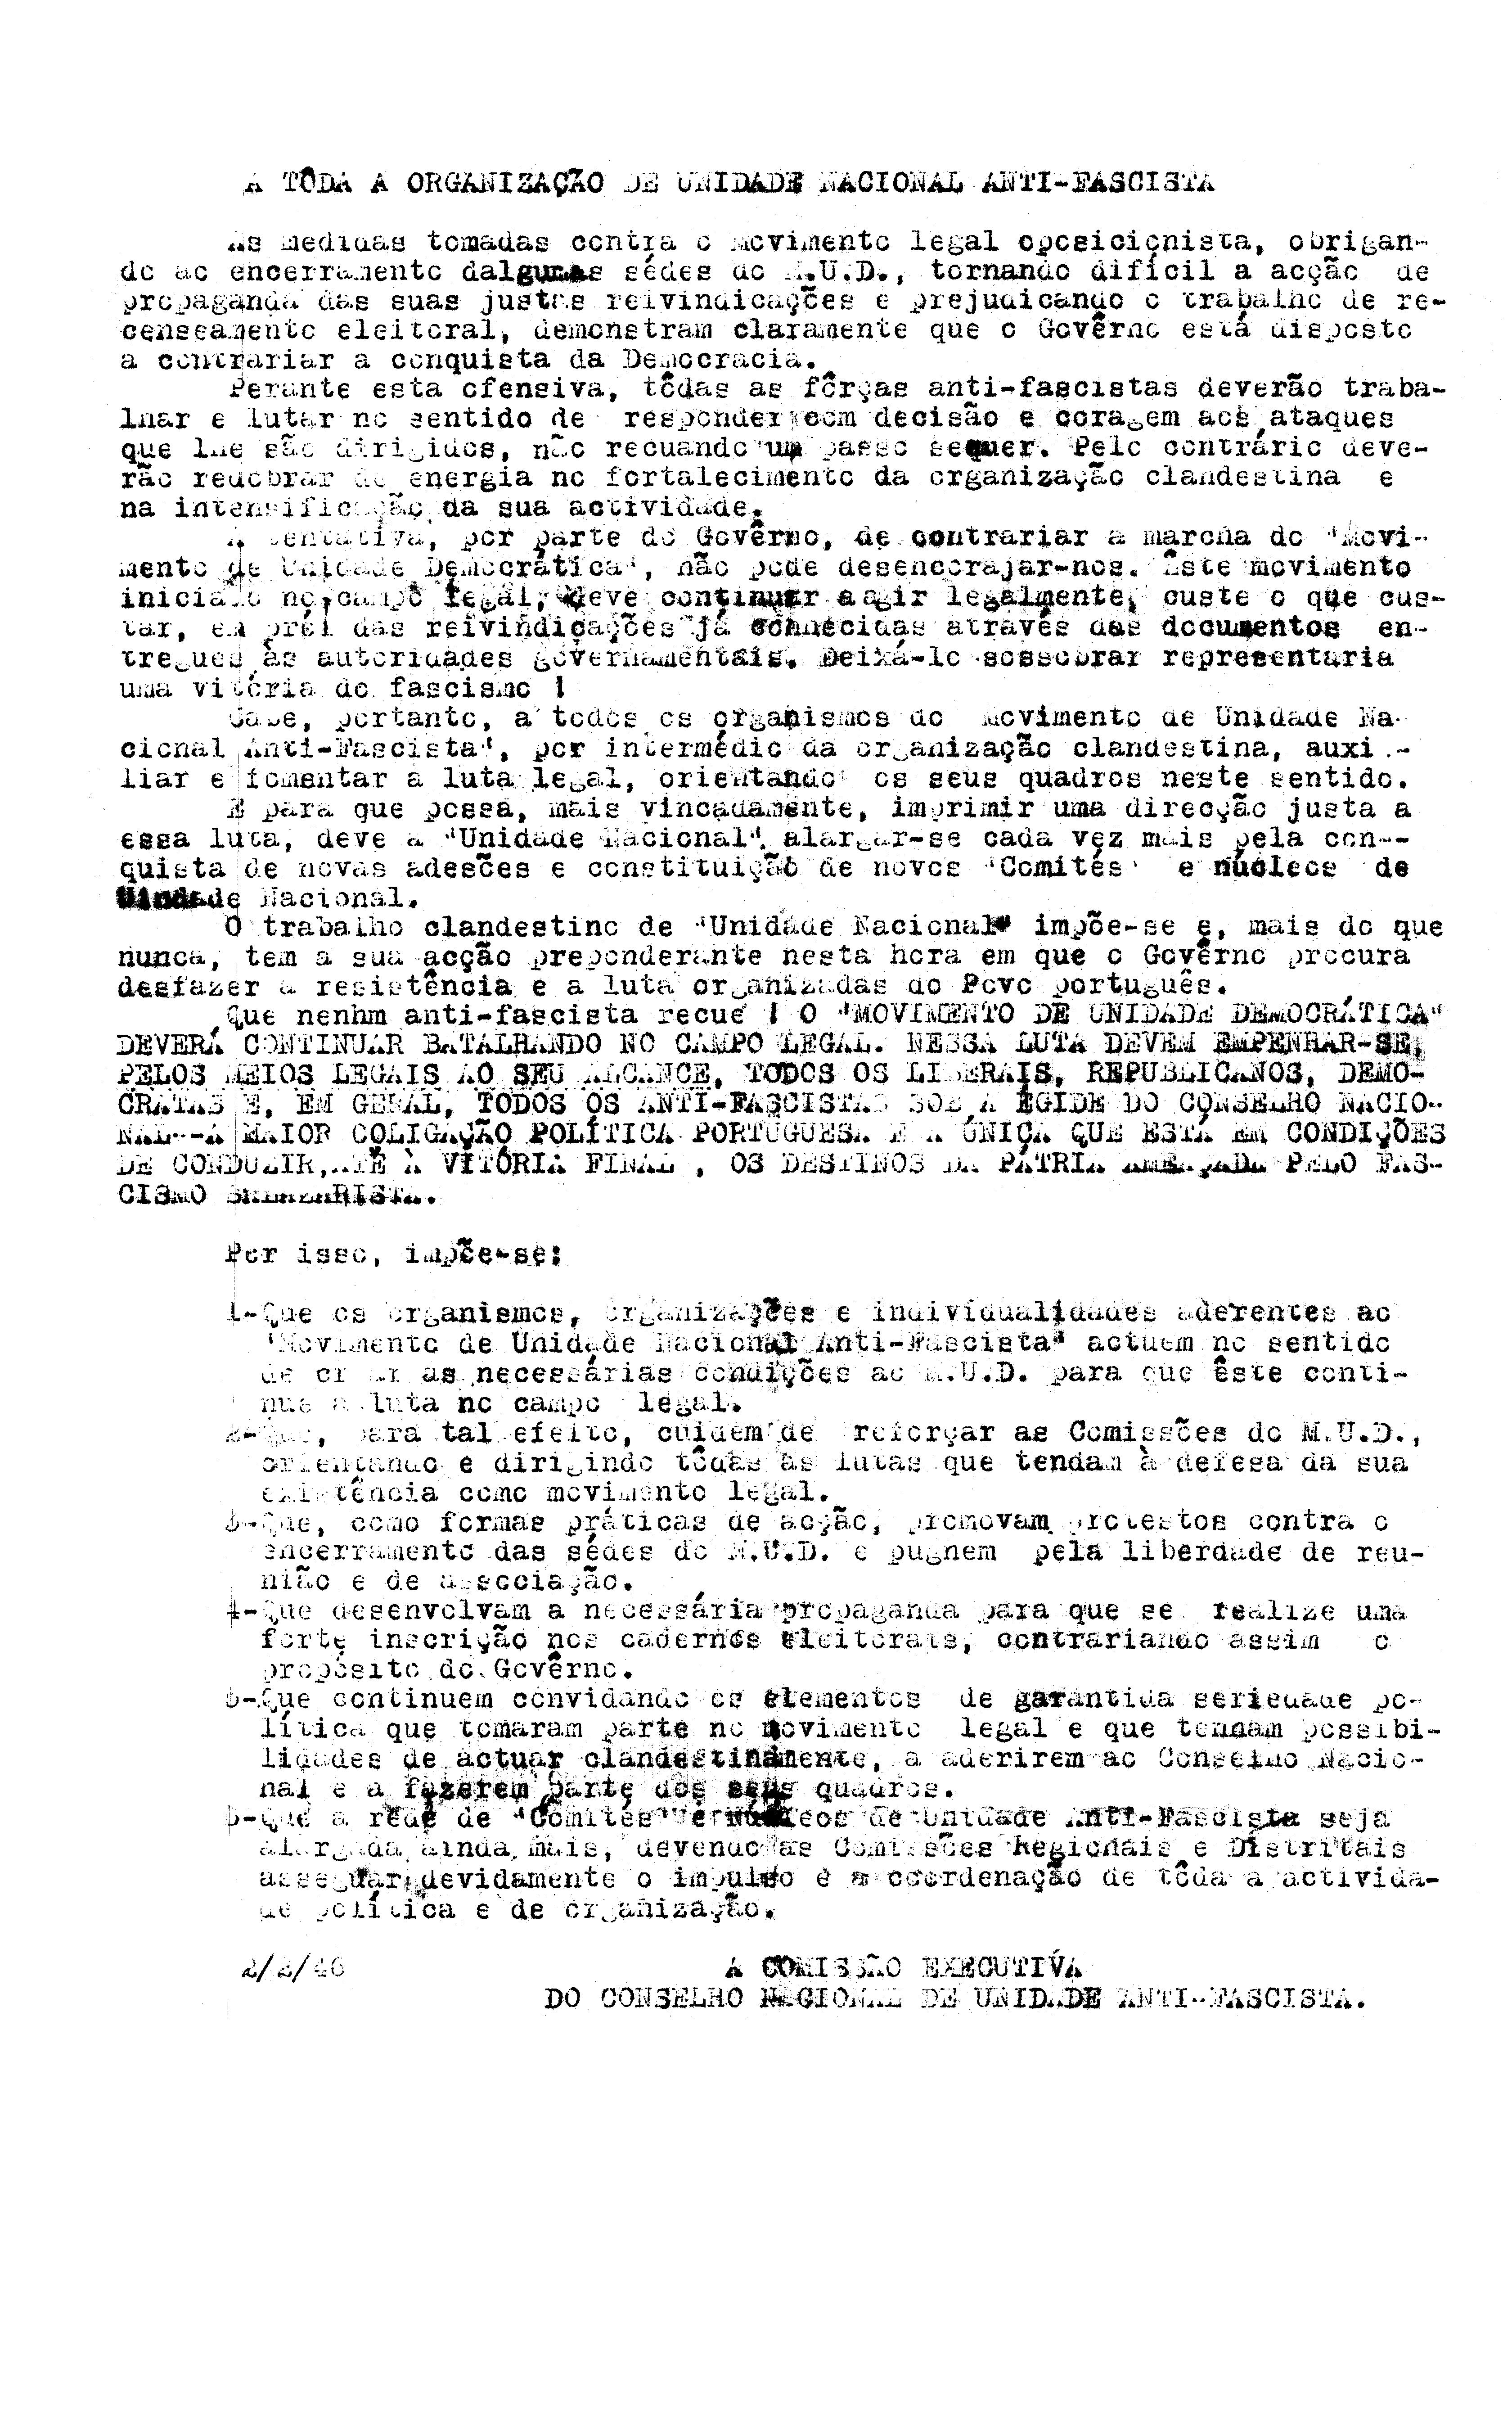 02592.001.047- pag.1